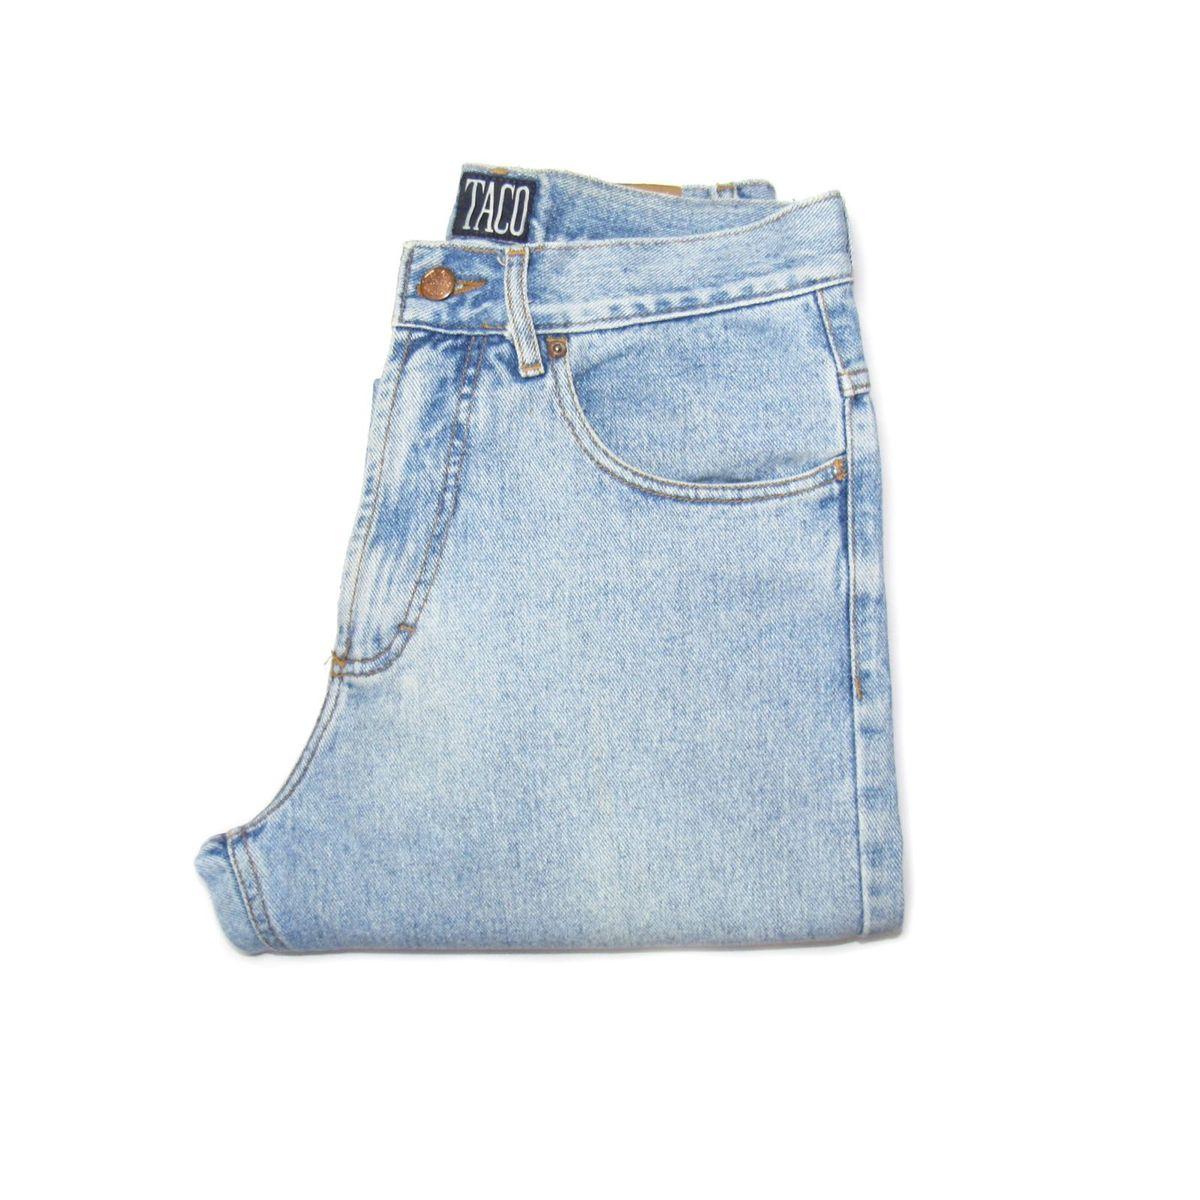 484c2fb14d15 Calça Jeans Vintage Cintura Alta Mom Jeans Unisex Anos 90 | Calça Feminina  Taco Usado 29964251 | enjoei